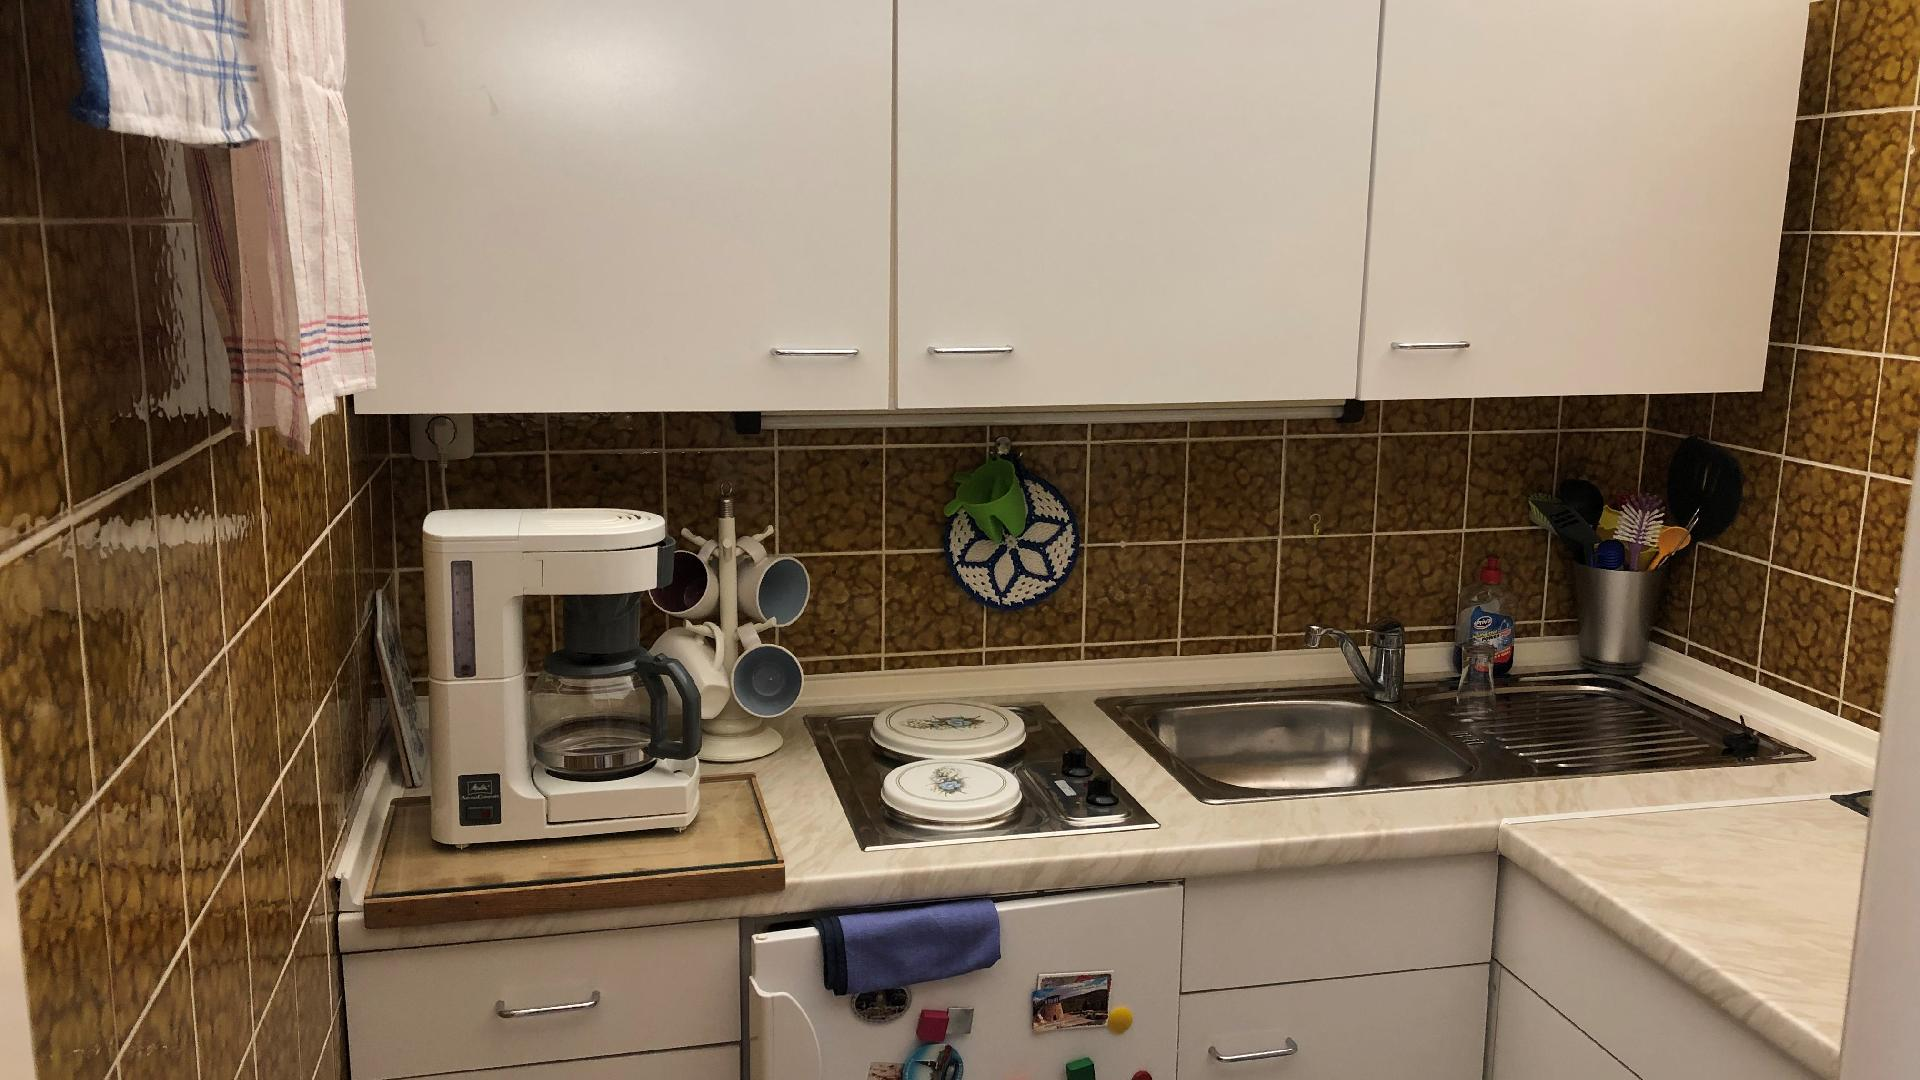 Full Size of Kleine Wohnung Mit Einbauküche Kleine Einbauküche Ebay Kleinanzeigen Einbauküche Für Kleine Küche Wie Viel Kostet Eine Kleine Einbauküche Küche Kleine Einbauküche